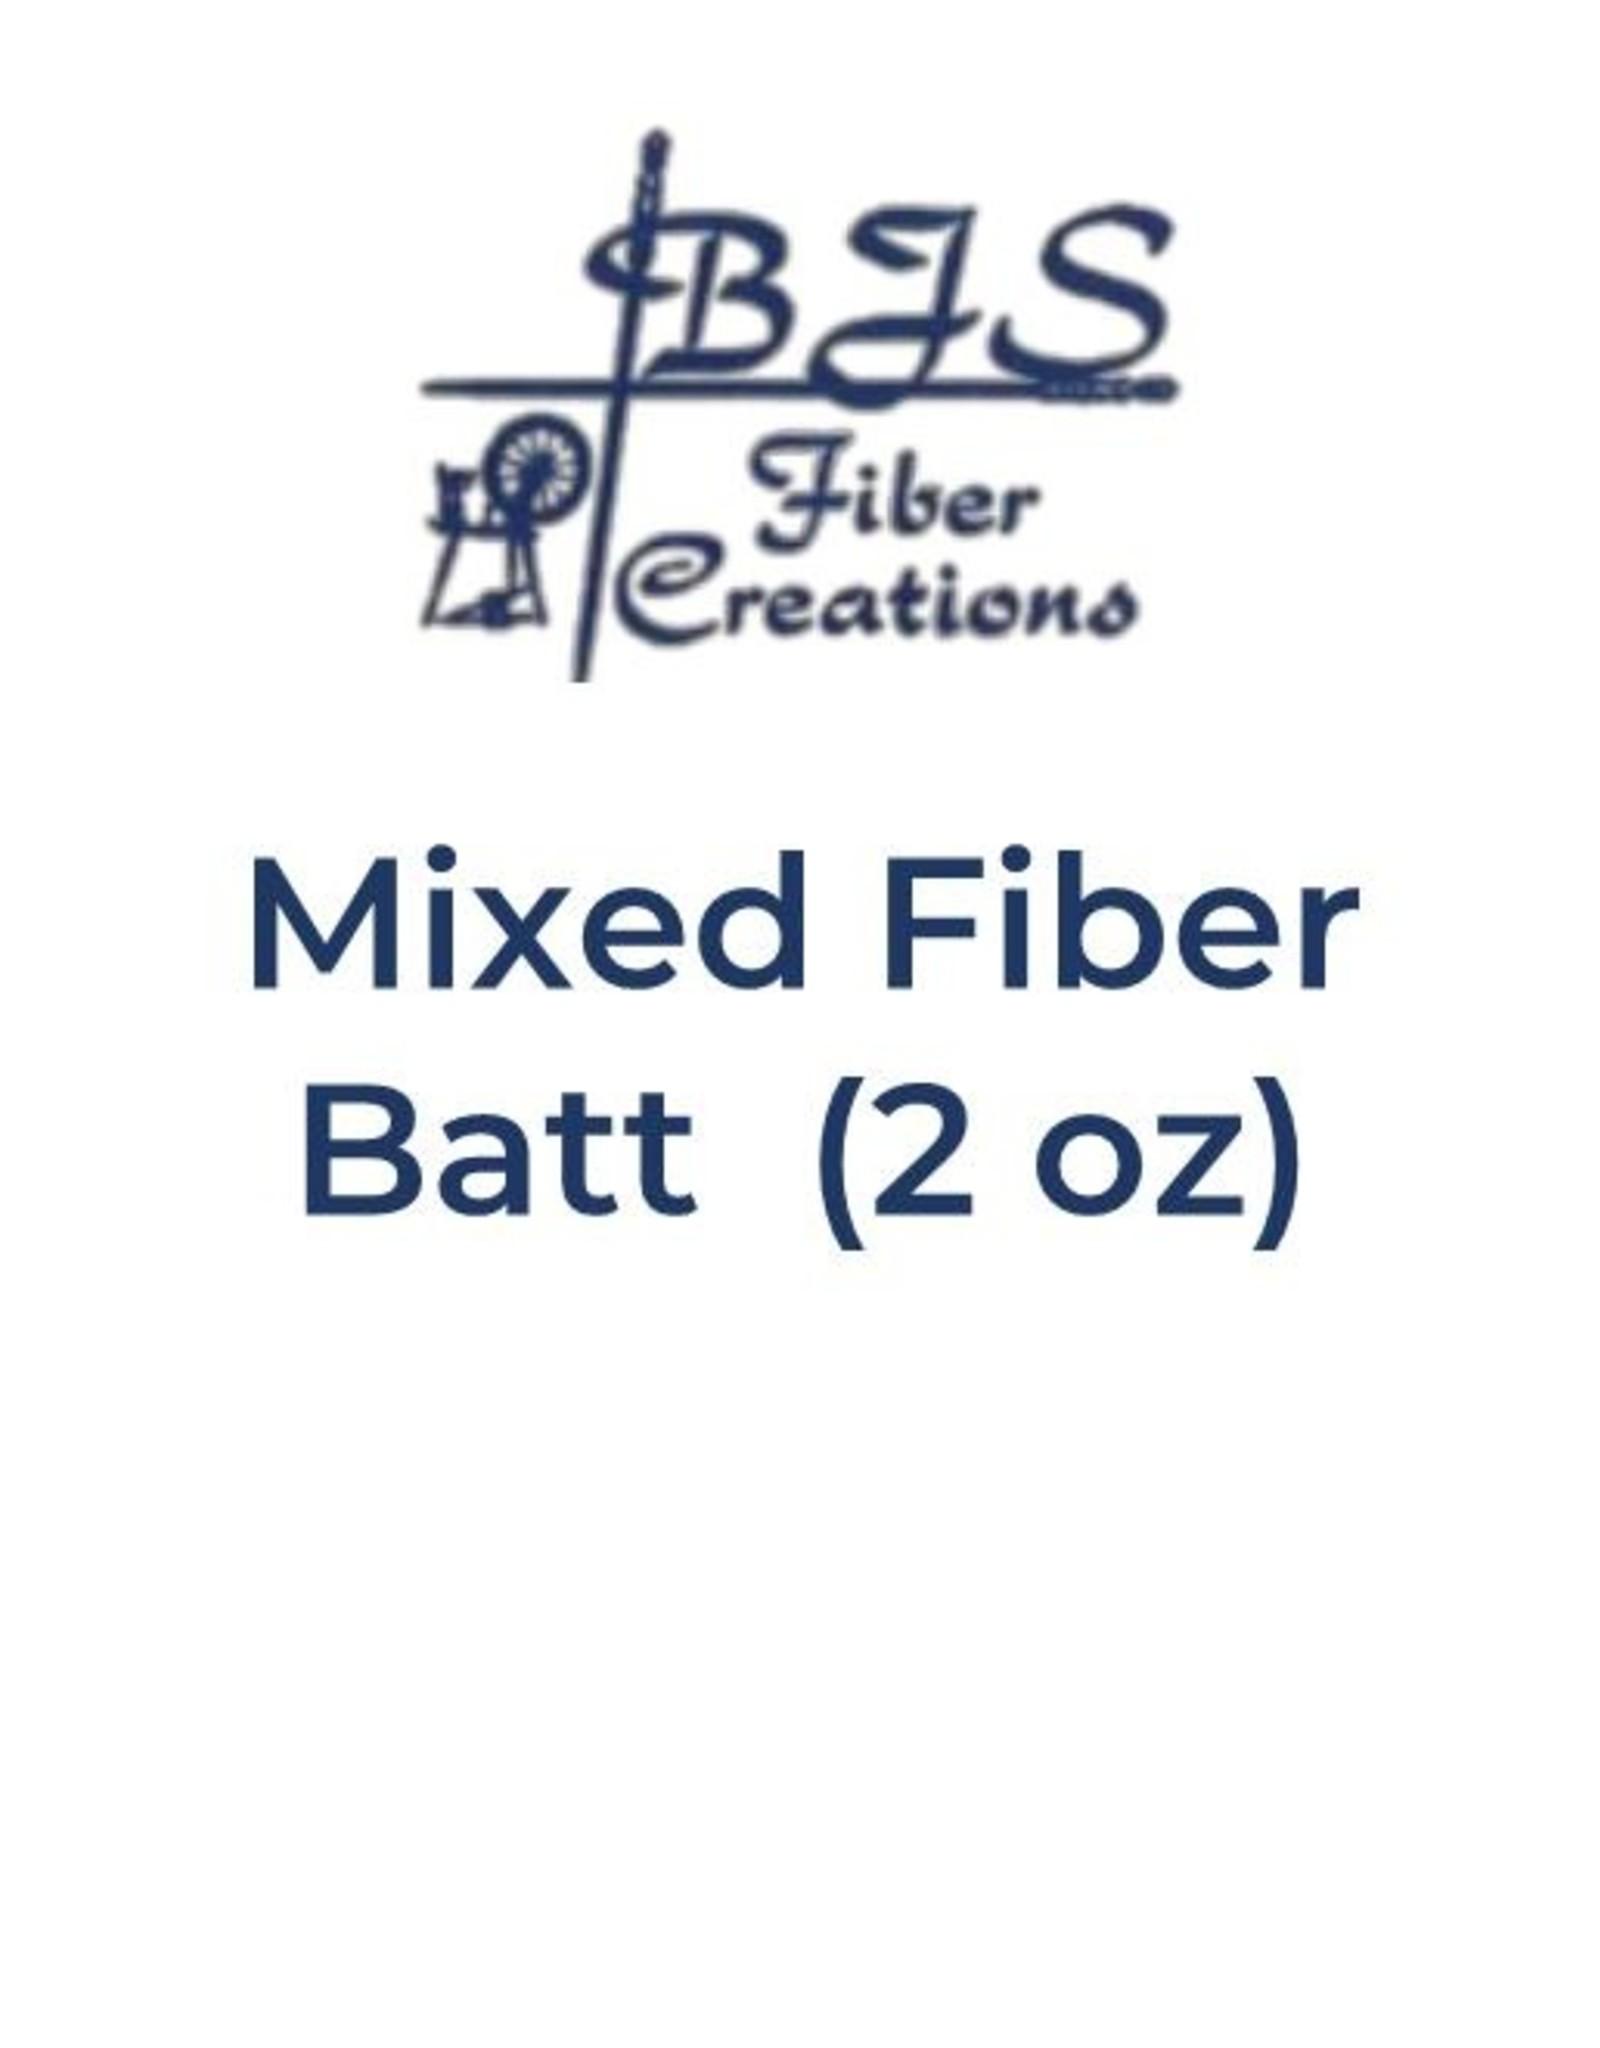 BJS Trunk Show Mixed Fiber Batts (2 oz) BATT #16